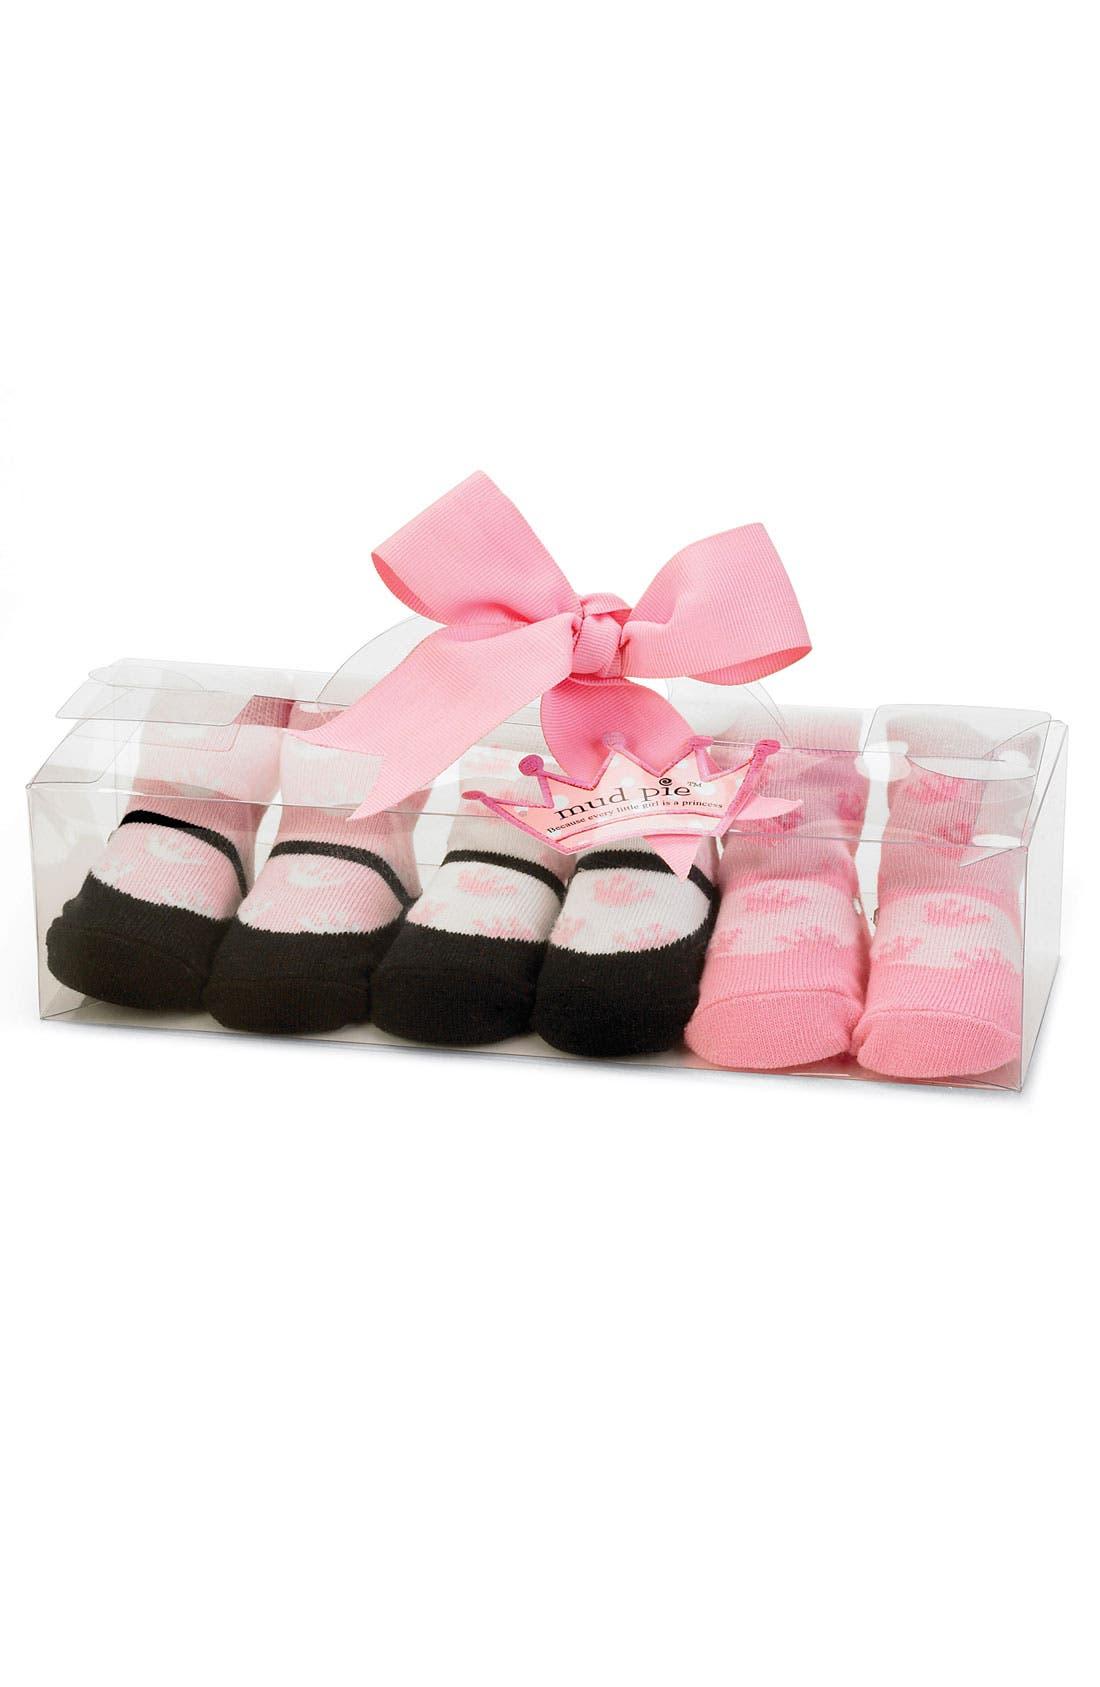 Alternate Image 1 Selected - Mud Pie Socks Set (3-Pack) (Baby Girls)